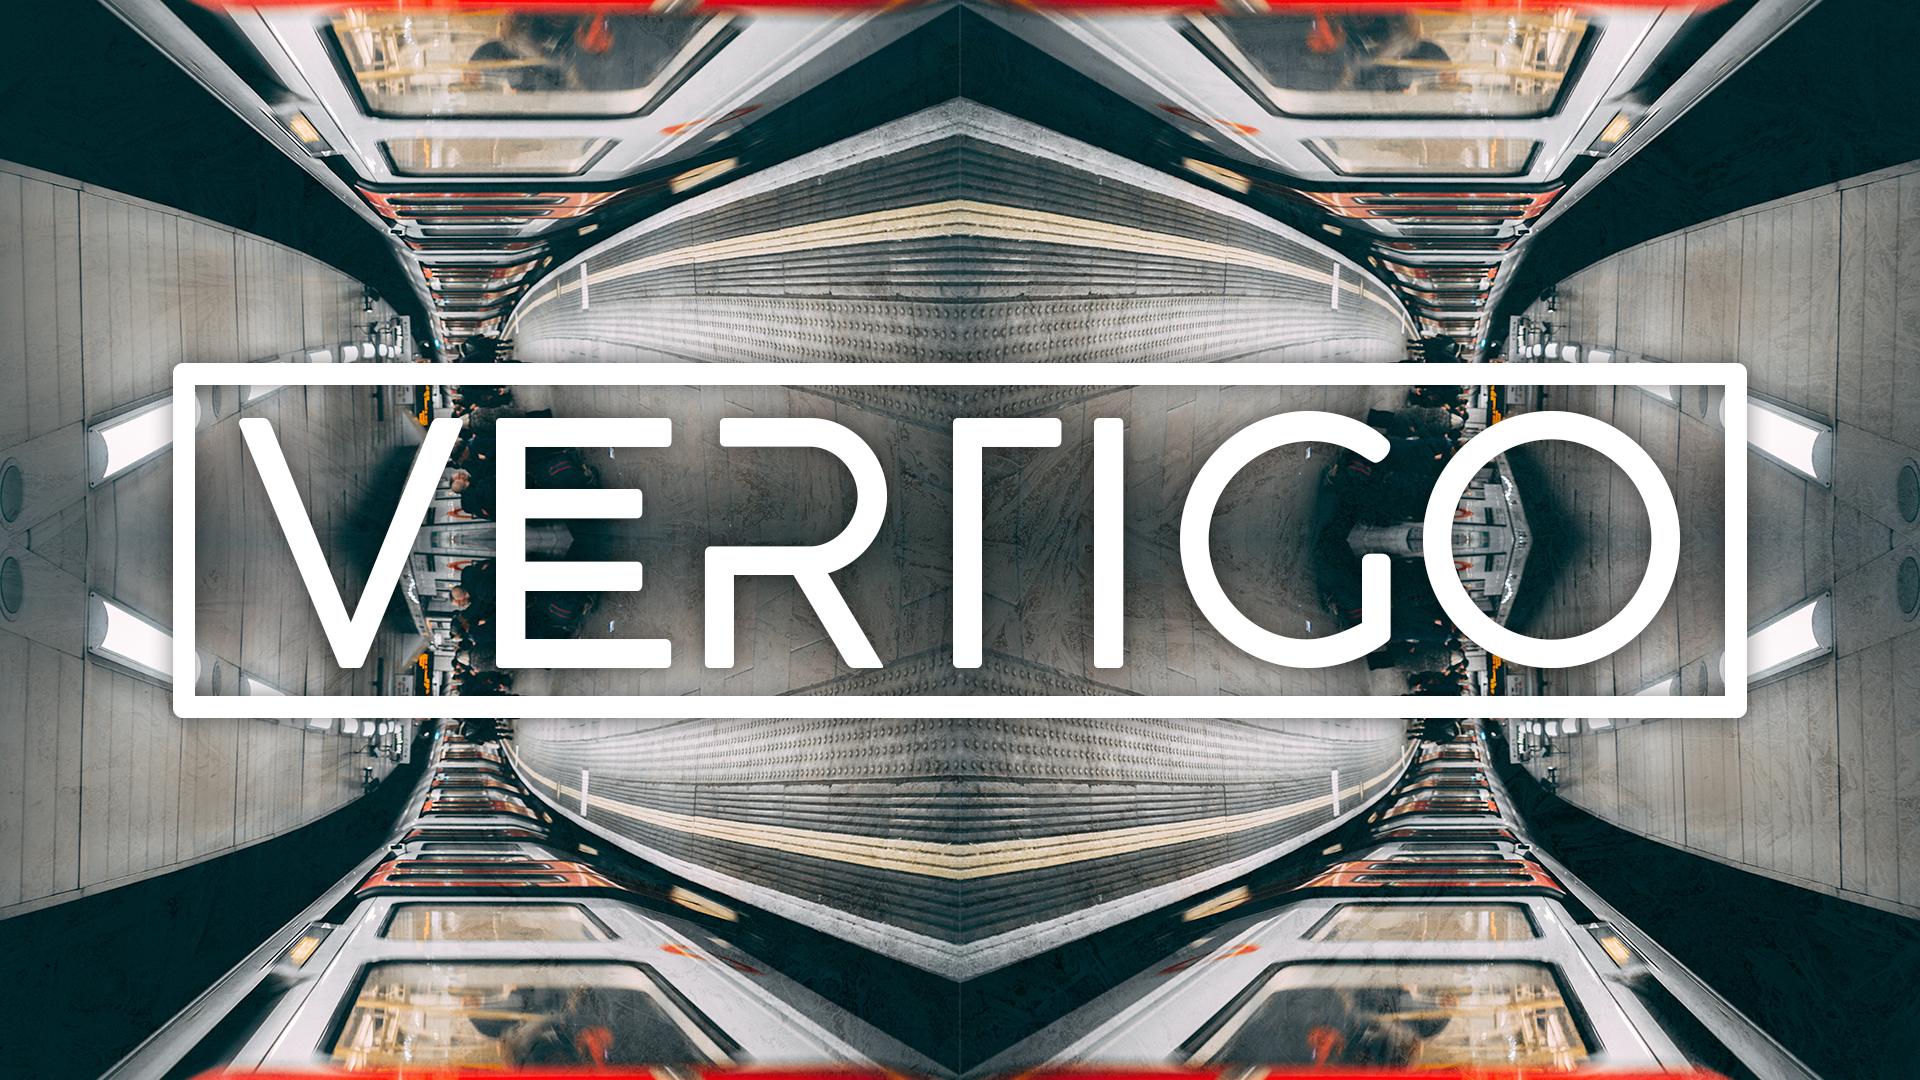 vertigo series